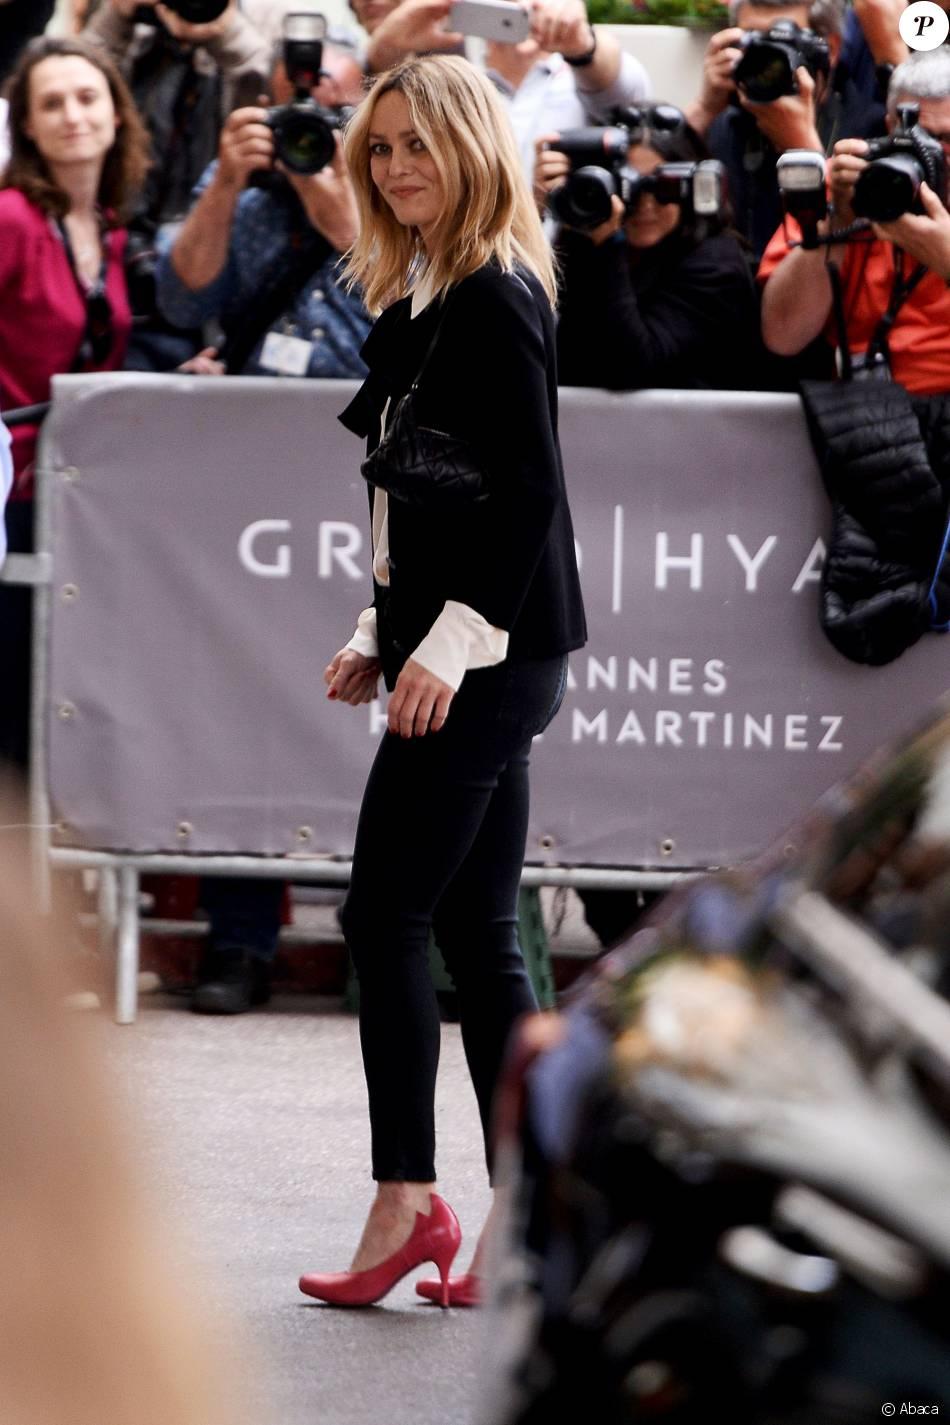 Vanessa Paradis au Martinez, porte une veste et un chemisier Chanel, un jean noir et des chaussures fuchsia. Cannes, le 10 mai 2016.